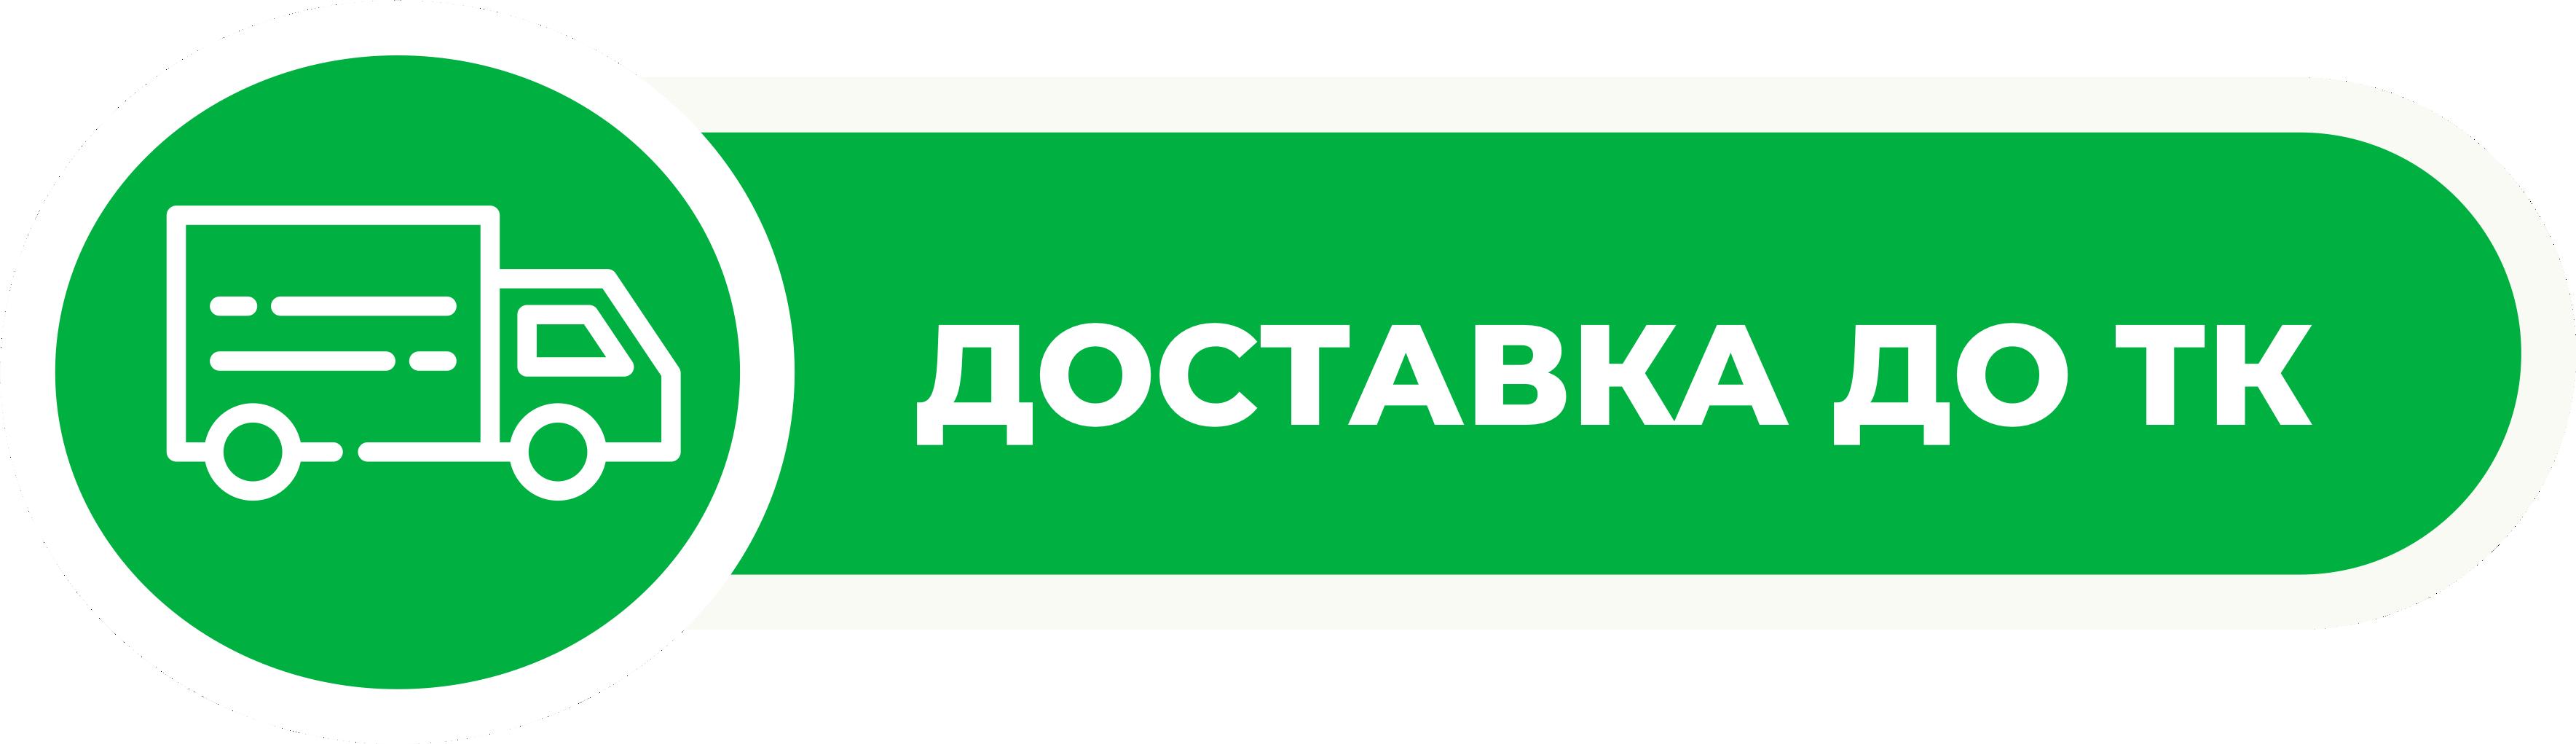 Доставка ДО транспортной компании